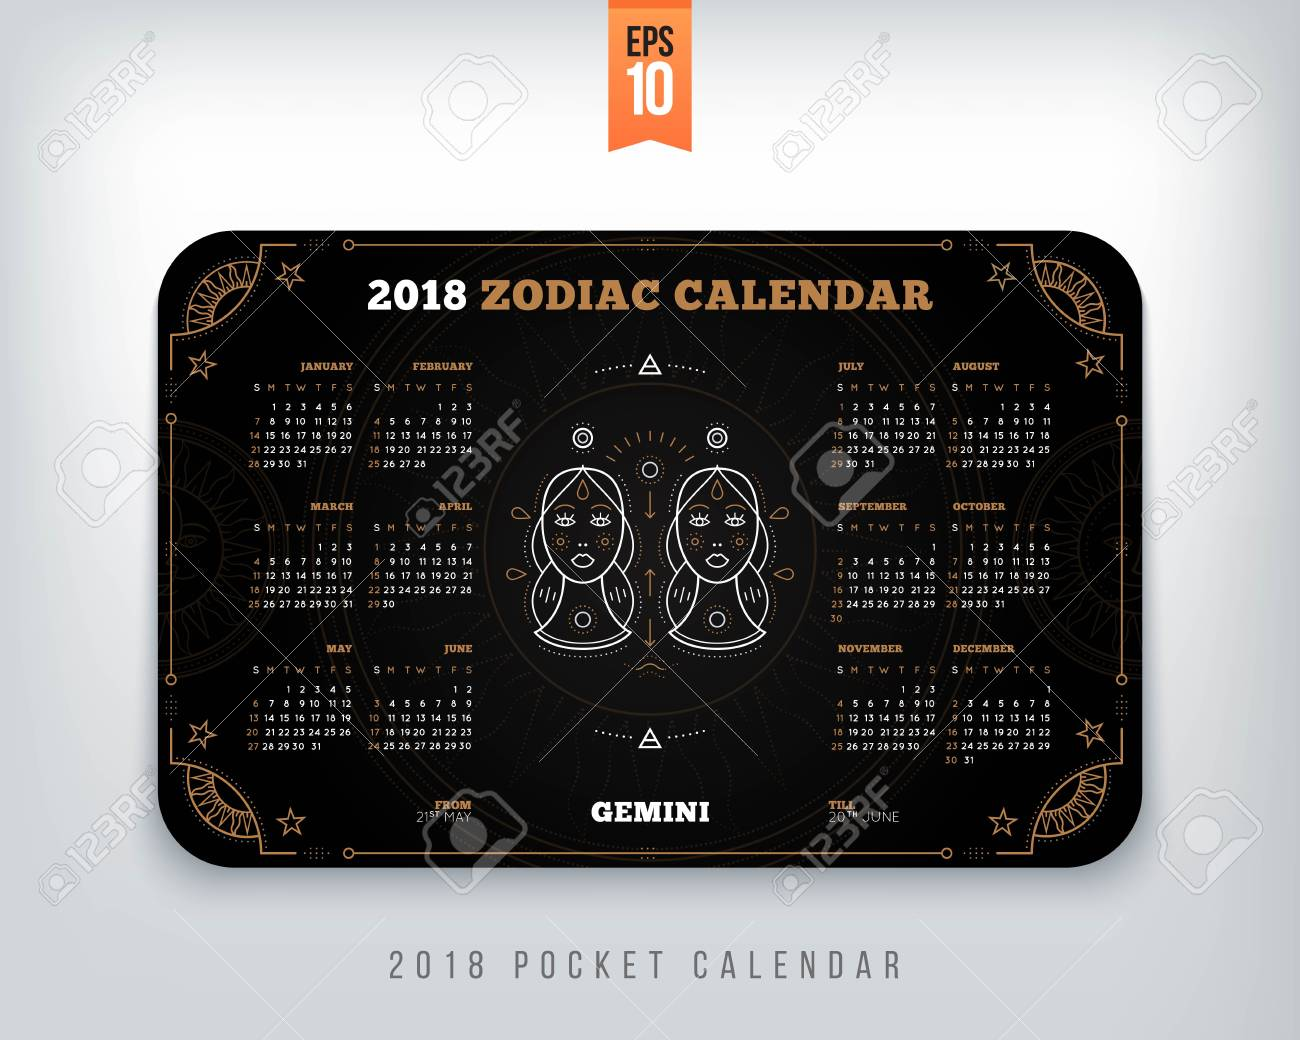 diseño horizontal del tamaño de bolsillo del calendario del zodiaco